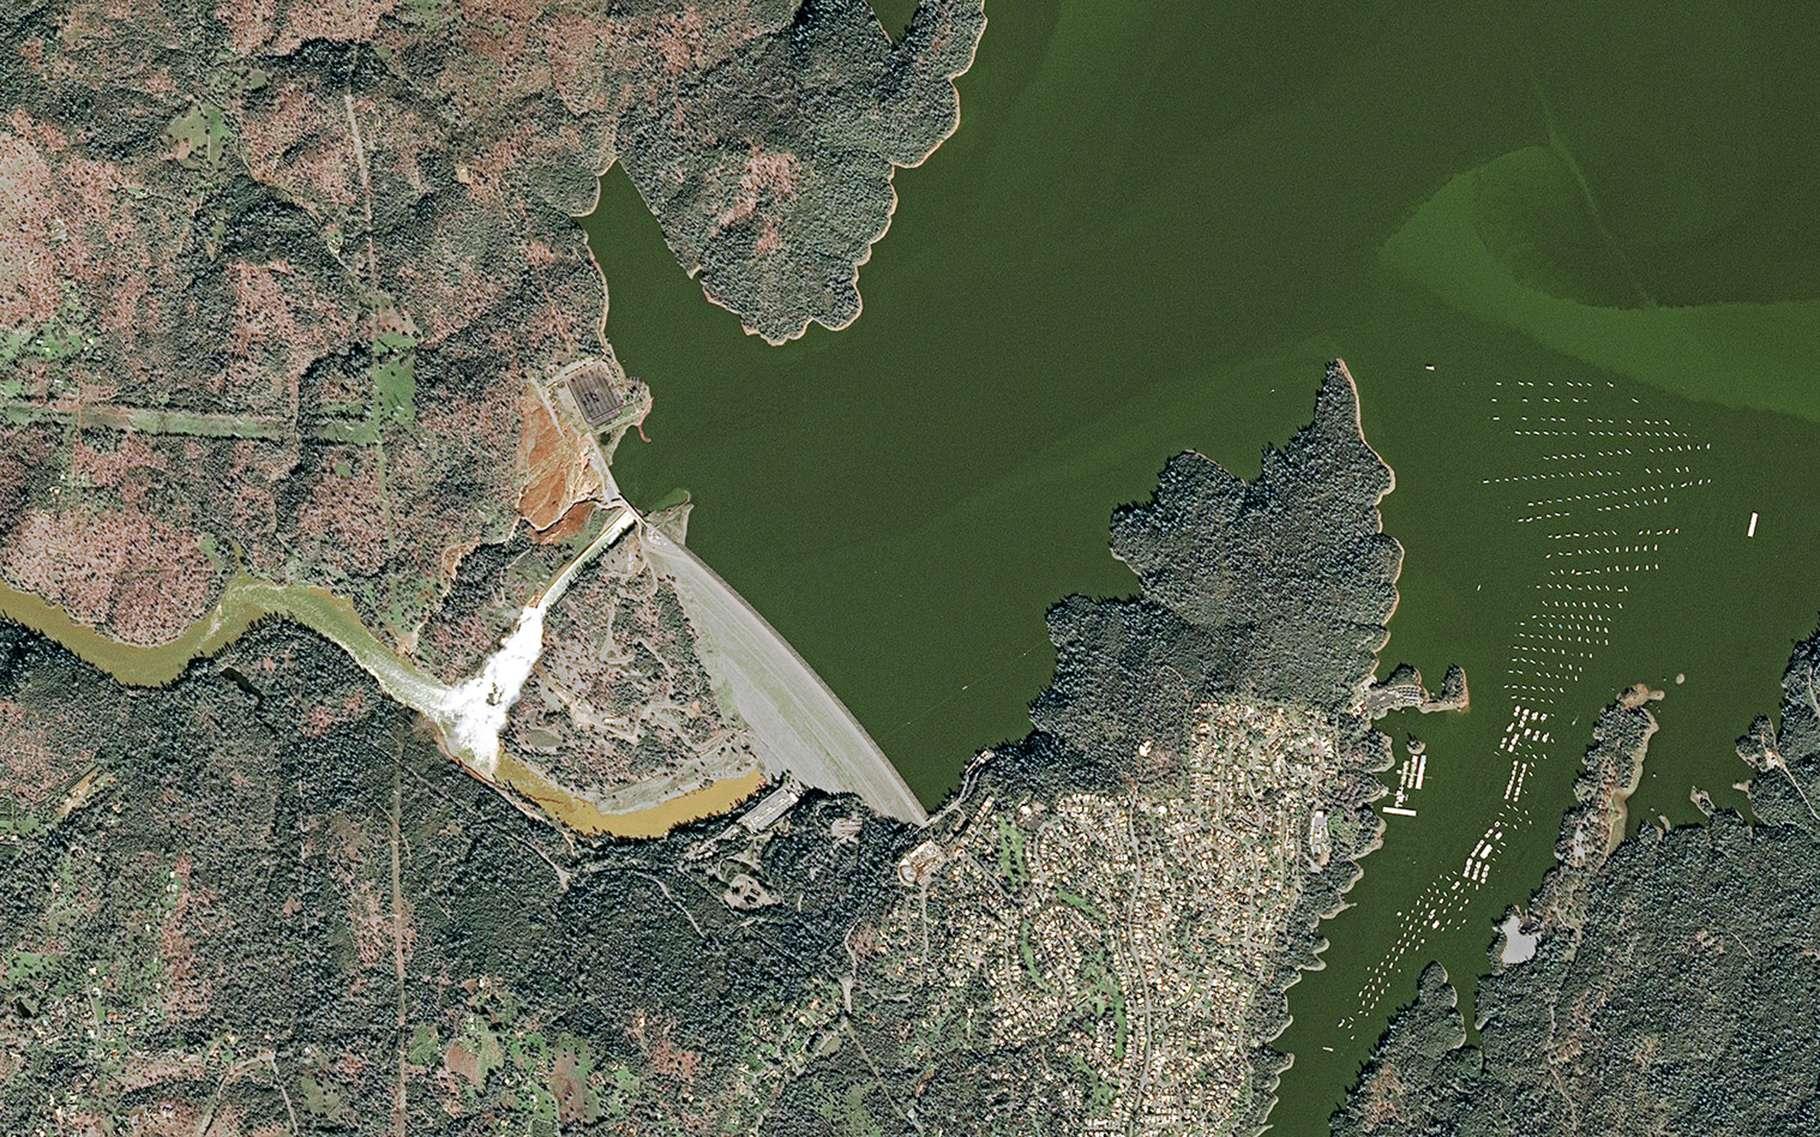 Image acquise par le satellite Sport 7 qui permet de se rendre compte du niveau anormalement élevé du lac retenu par le barrage d'Oroville. © 2017 Airbus DS